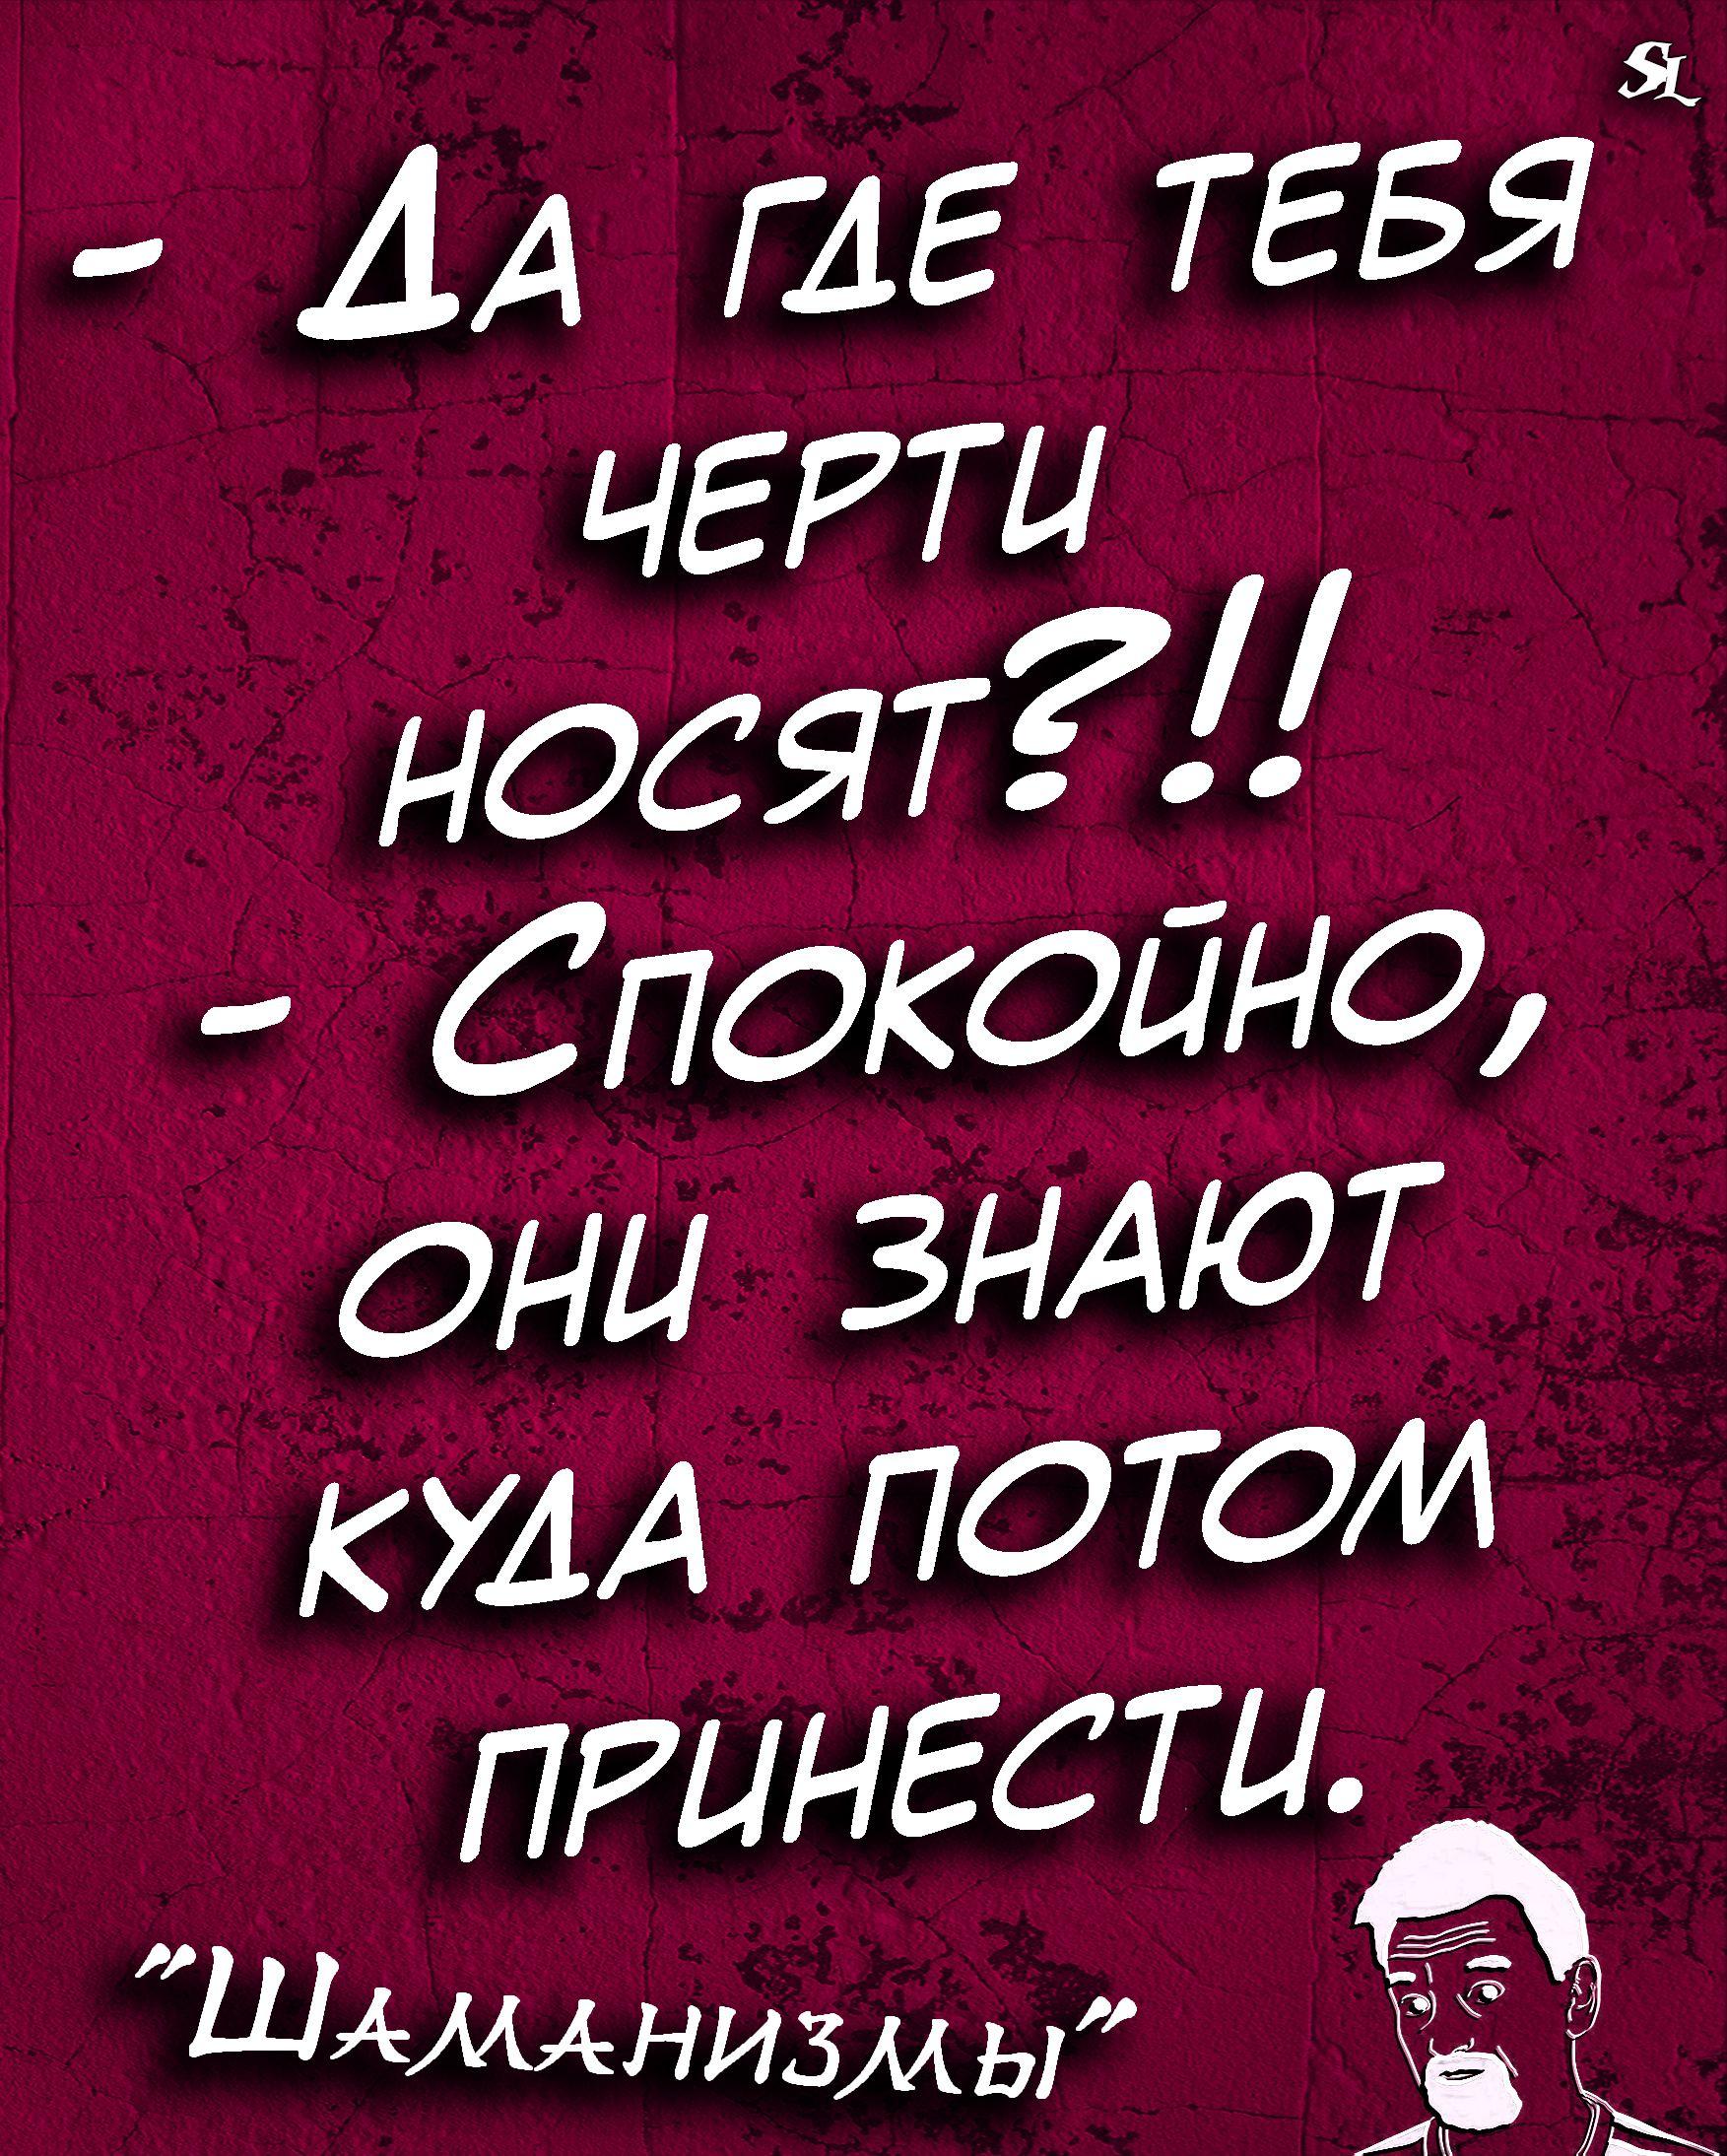 Shamanizmy Shutki Prikol Yumor Jokes Funny Humor Memes Shaman Ledentsov Sl Shaman Ledentsov V 2020 G Shutki Citaty Shamanizm